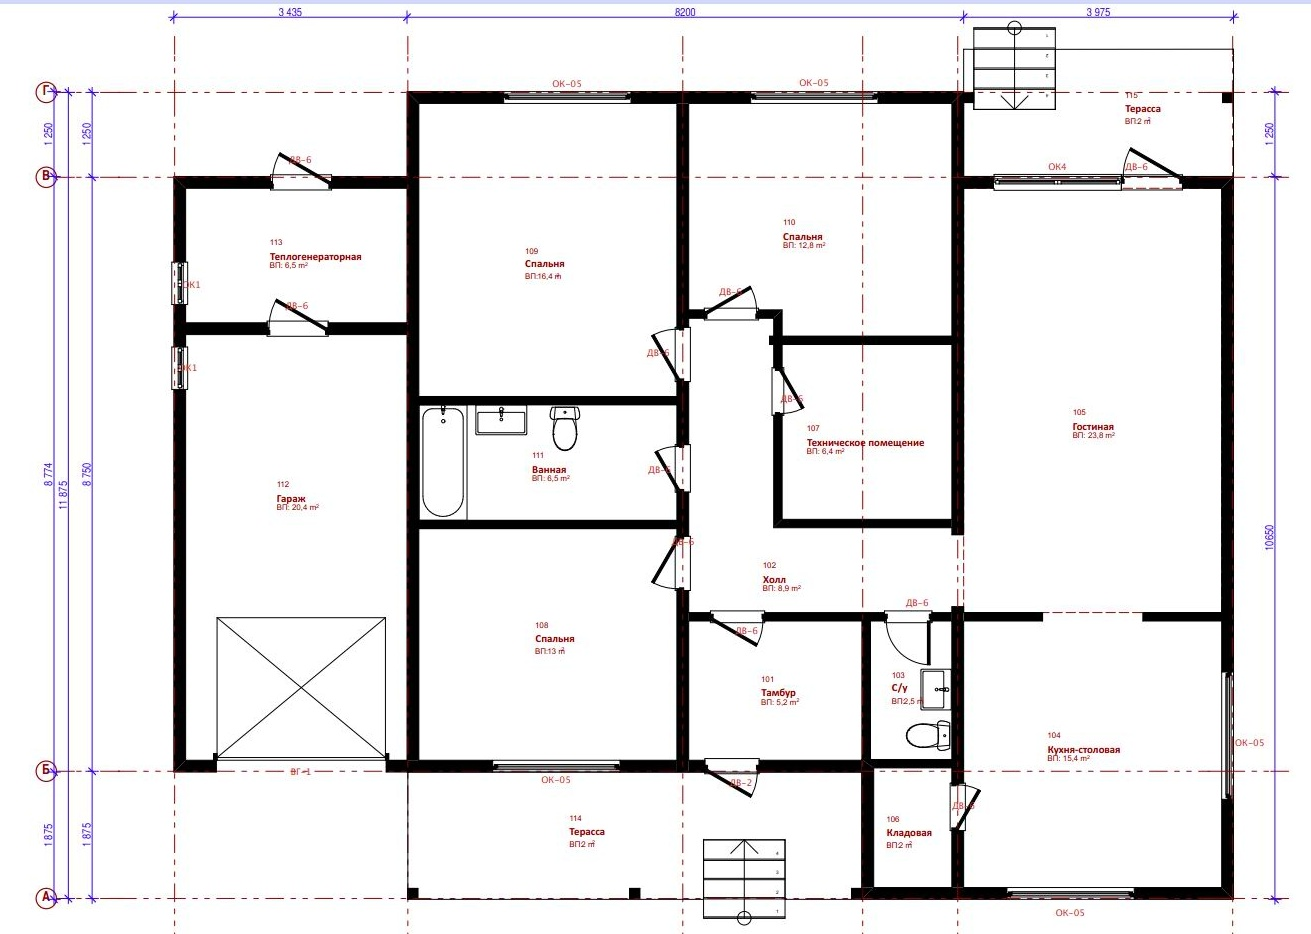 Общая площадь дома (м2)